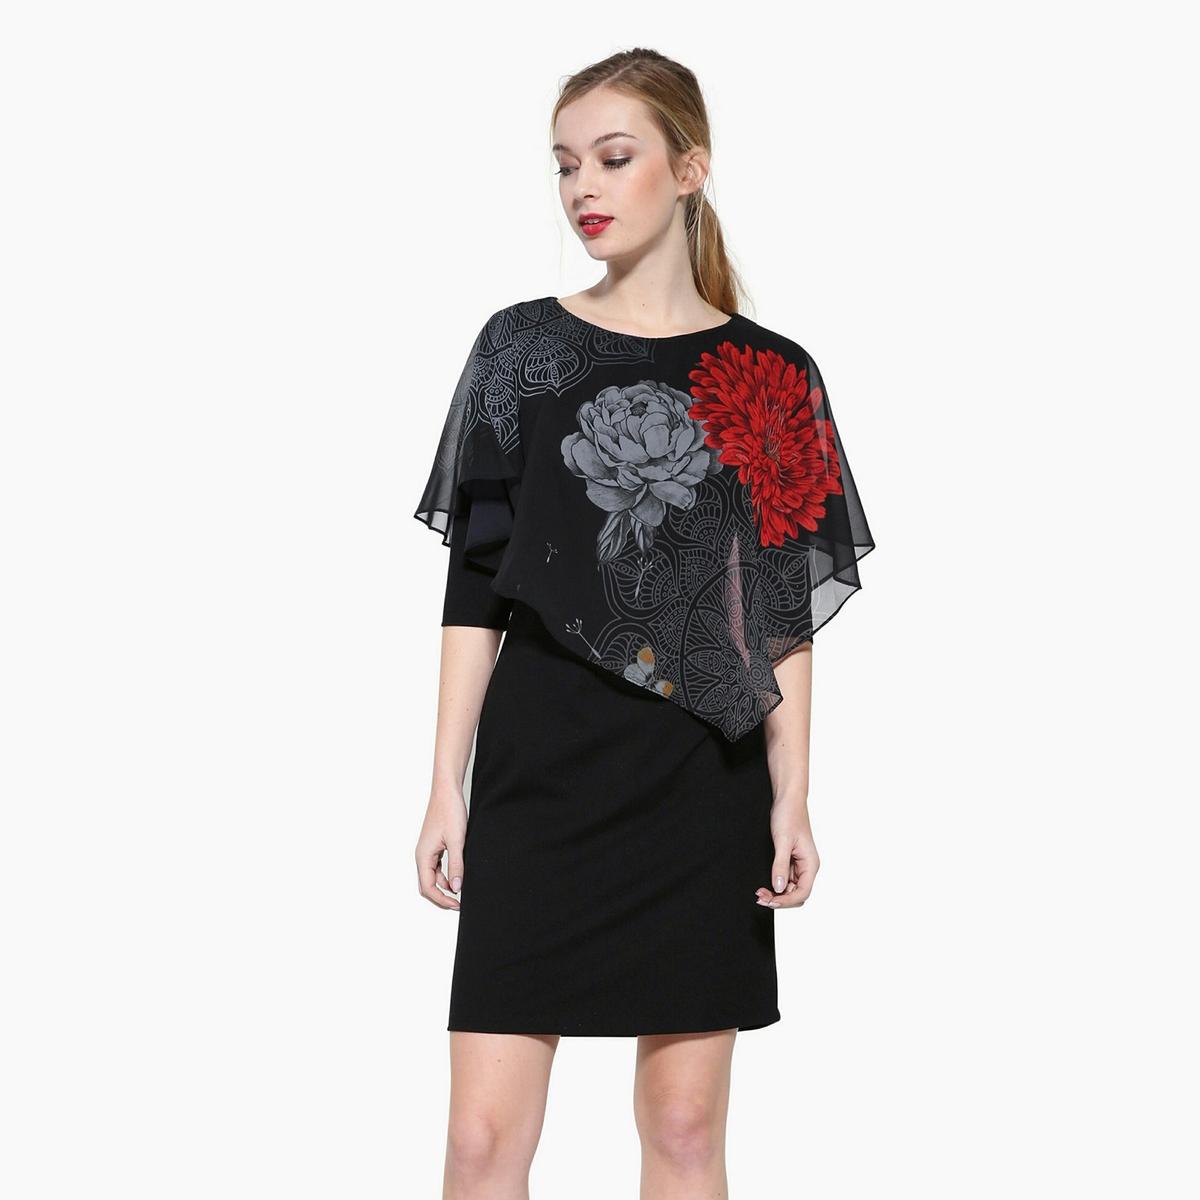 Платье короткое с короткими рукавамиДетали •  Форма : МИНИ •  короткое  •  Короткие рукава    •  Круглый вырез •  Цветочный рисунок Состав и уход •  15% вискозы, 5% эластана, 80% полиэстера •  Следуйте советам по уходу, указанным на этикетке<br><br>Цвет: черный